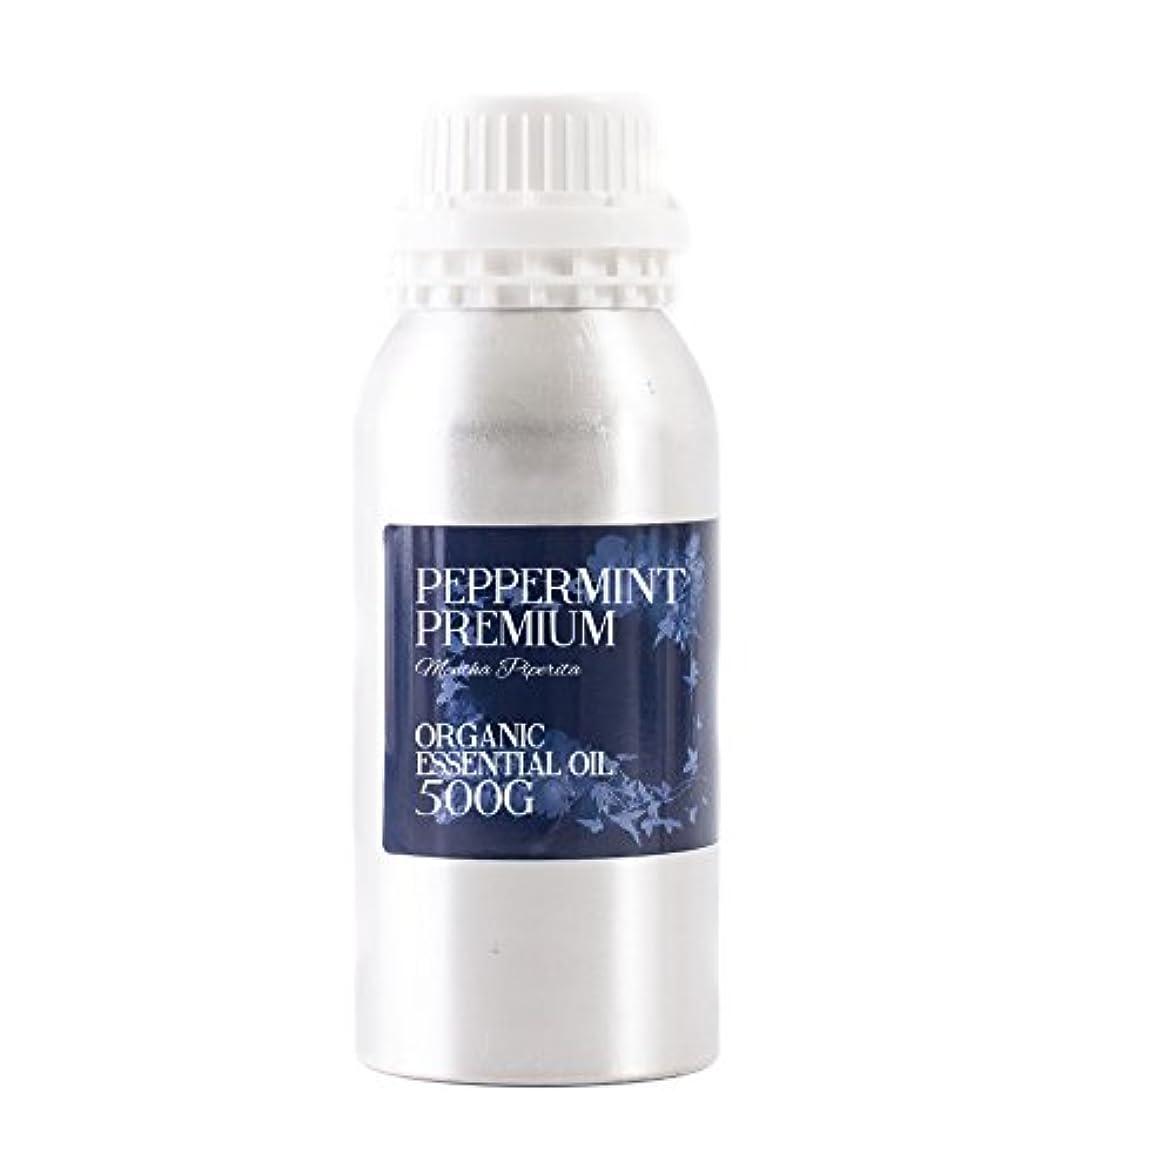 競争力のあるおとなしい多くの危険がある状況Mystic Moments | Peppermint Premium Organic Essential Oil - 500g - 100% Pure